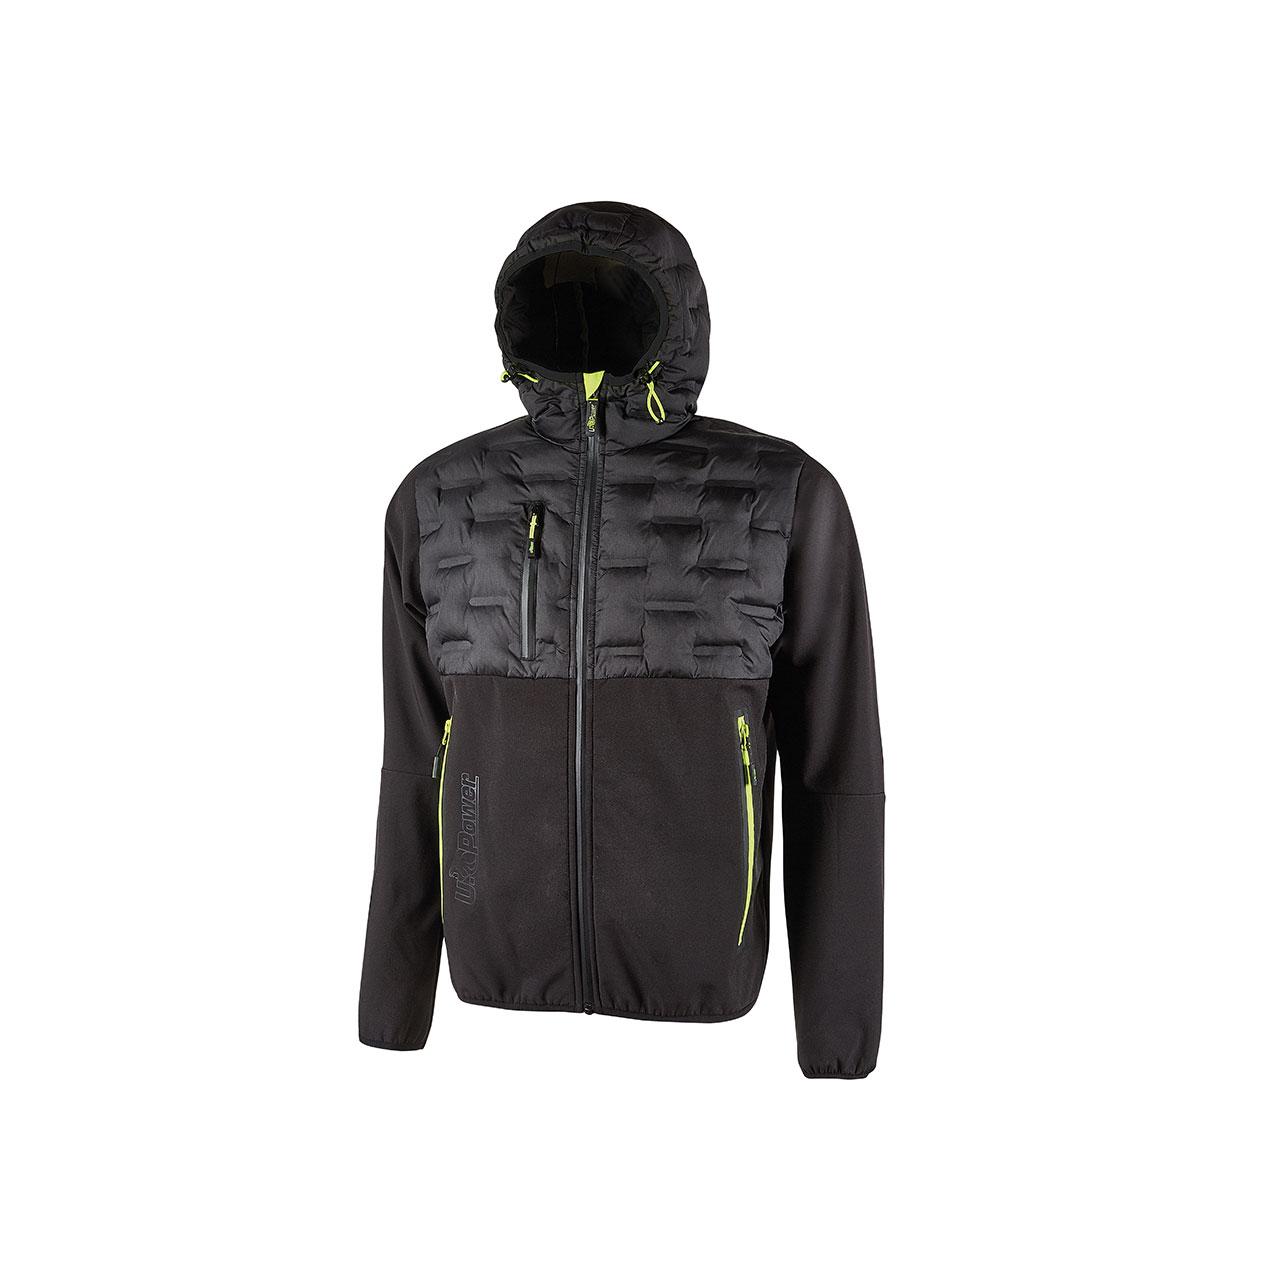 giacca da lavoro upower modello spock colore black carbon